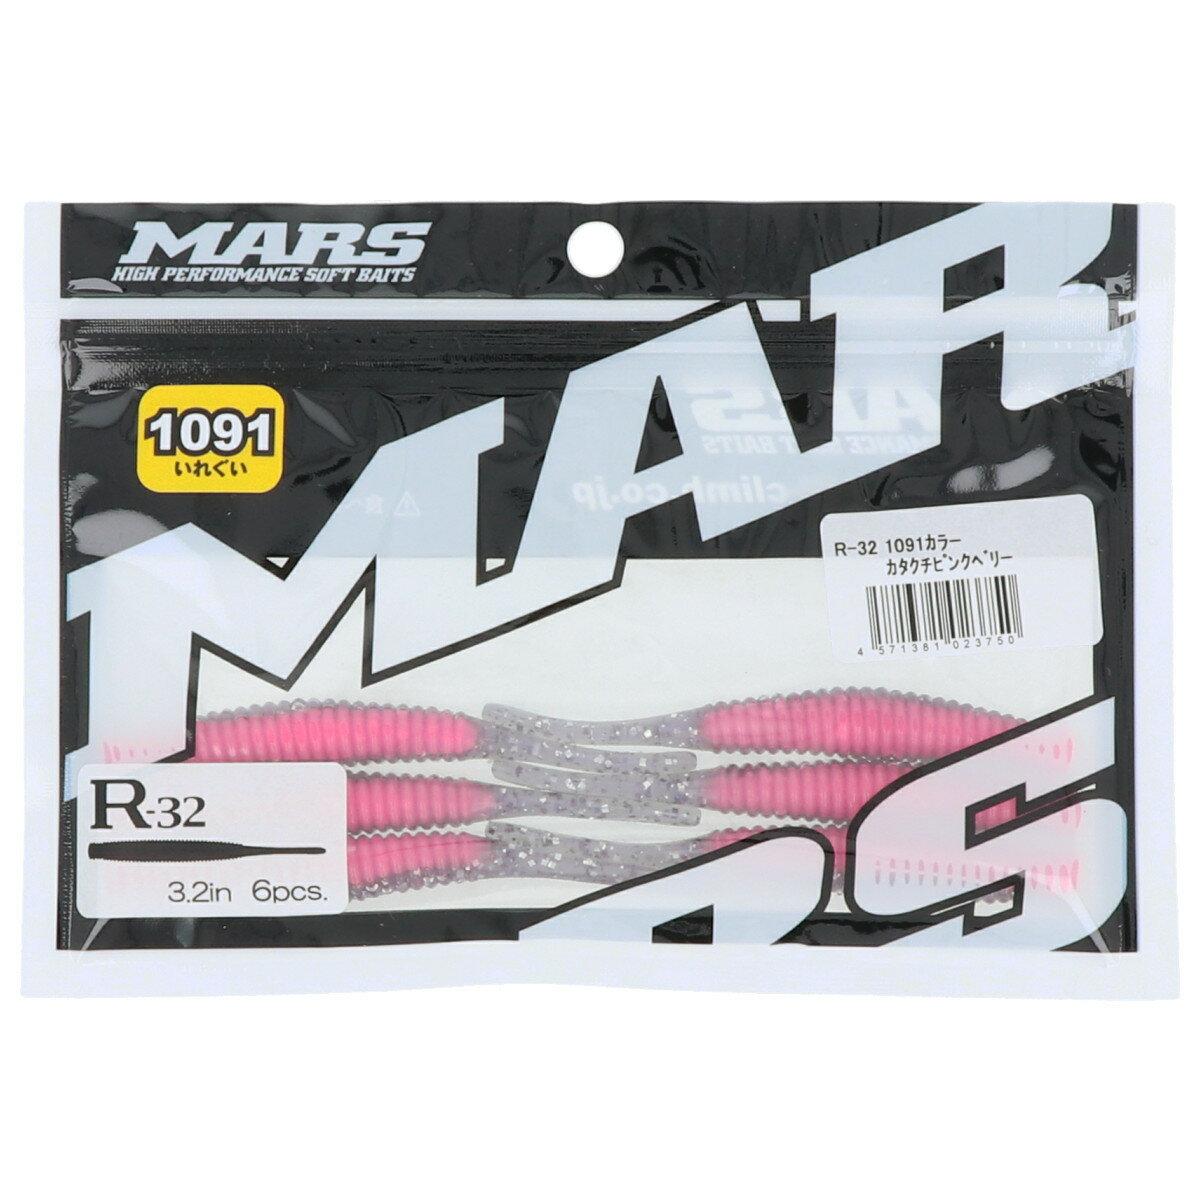 【12月15日エントリーで最大P49倍!】MARSR-323.2インチカタクチピンクベリー【ゆうパケット】